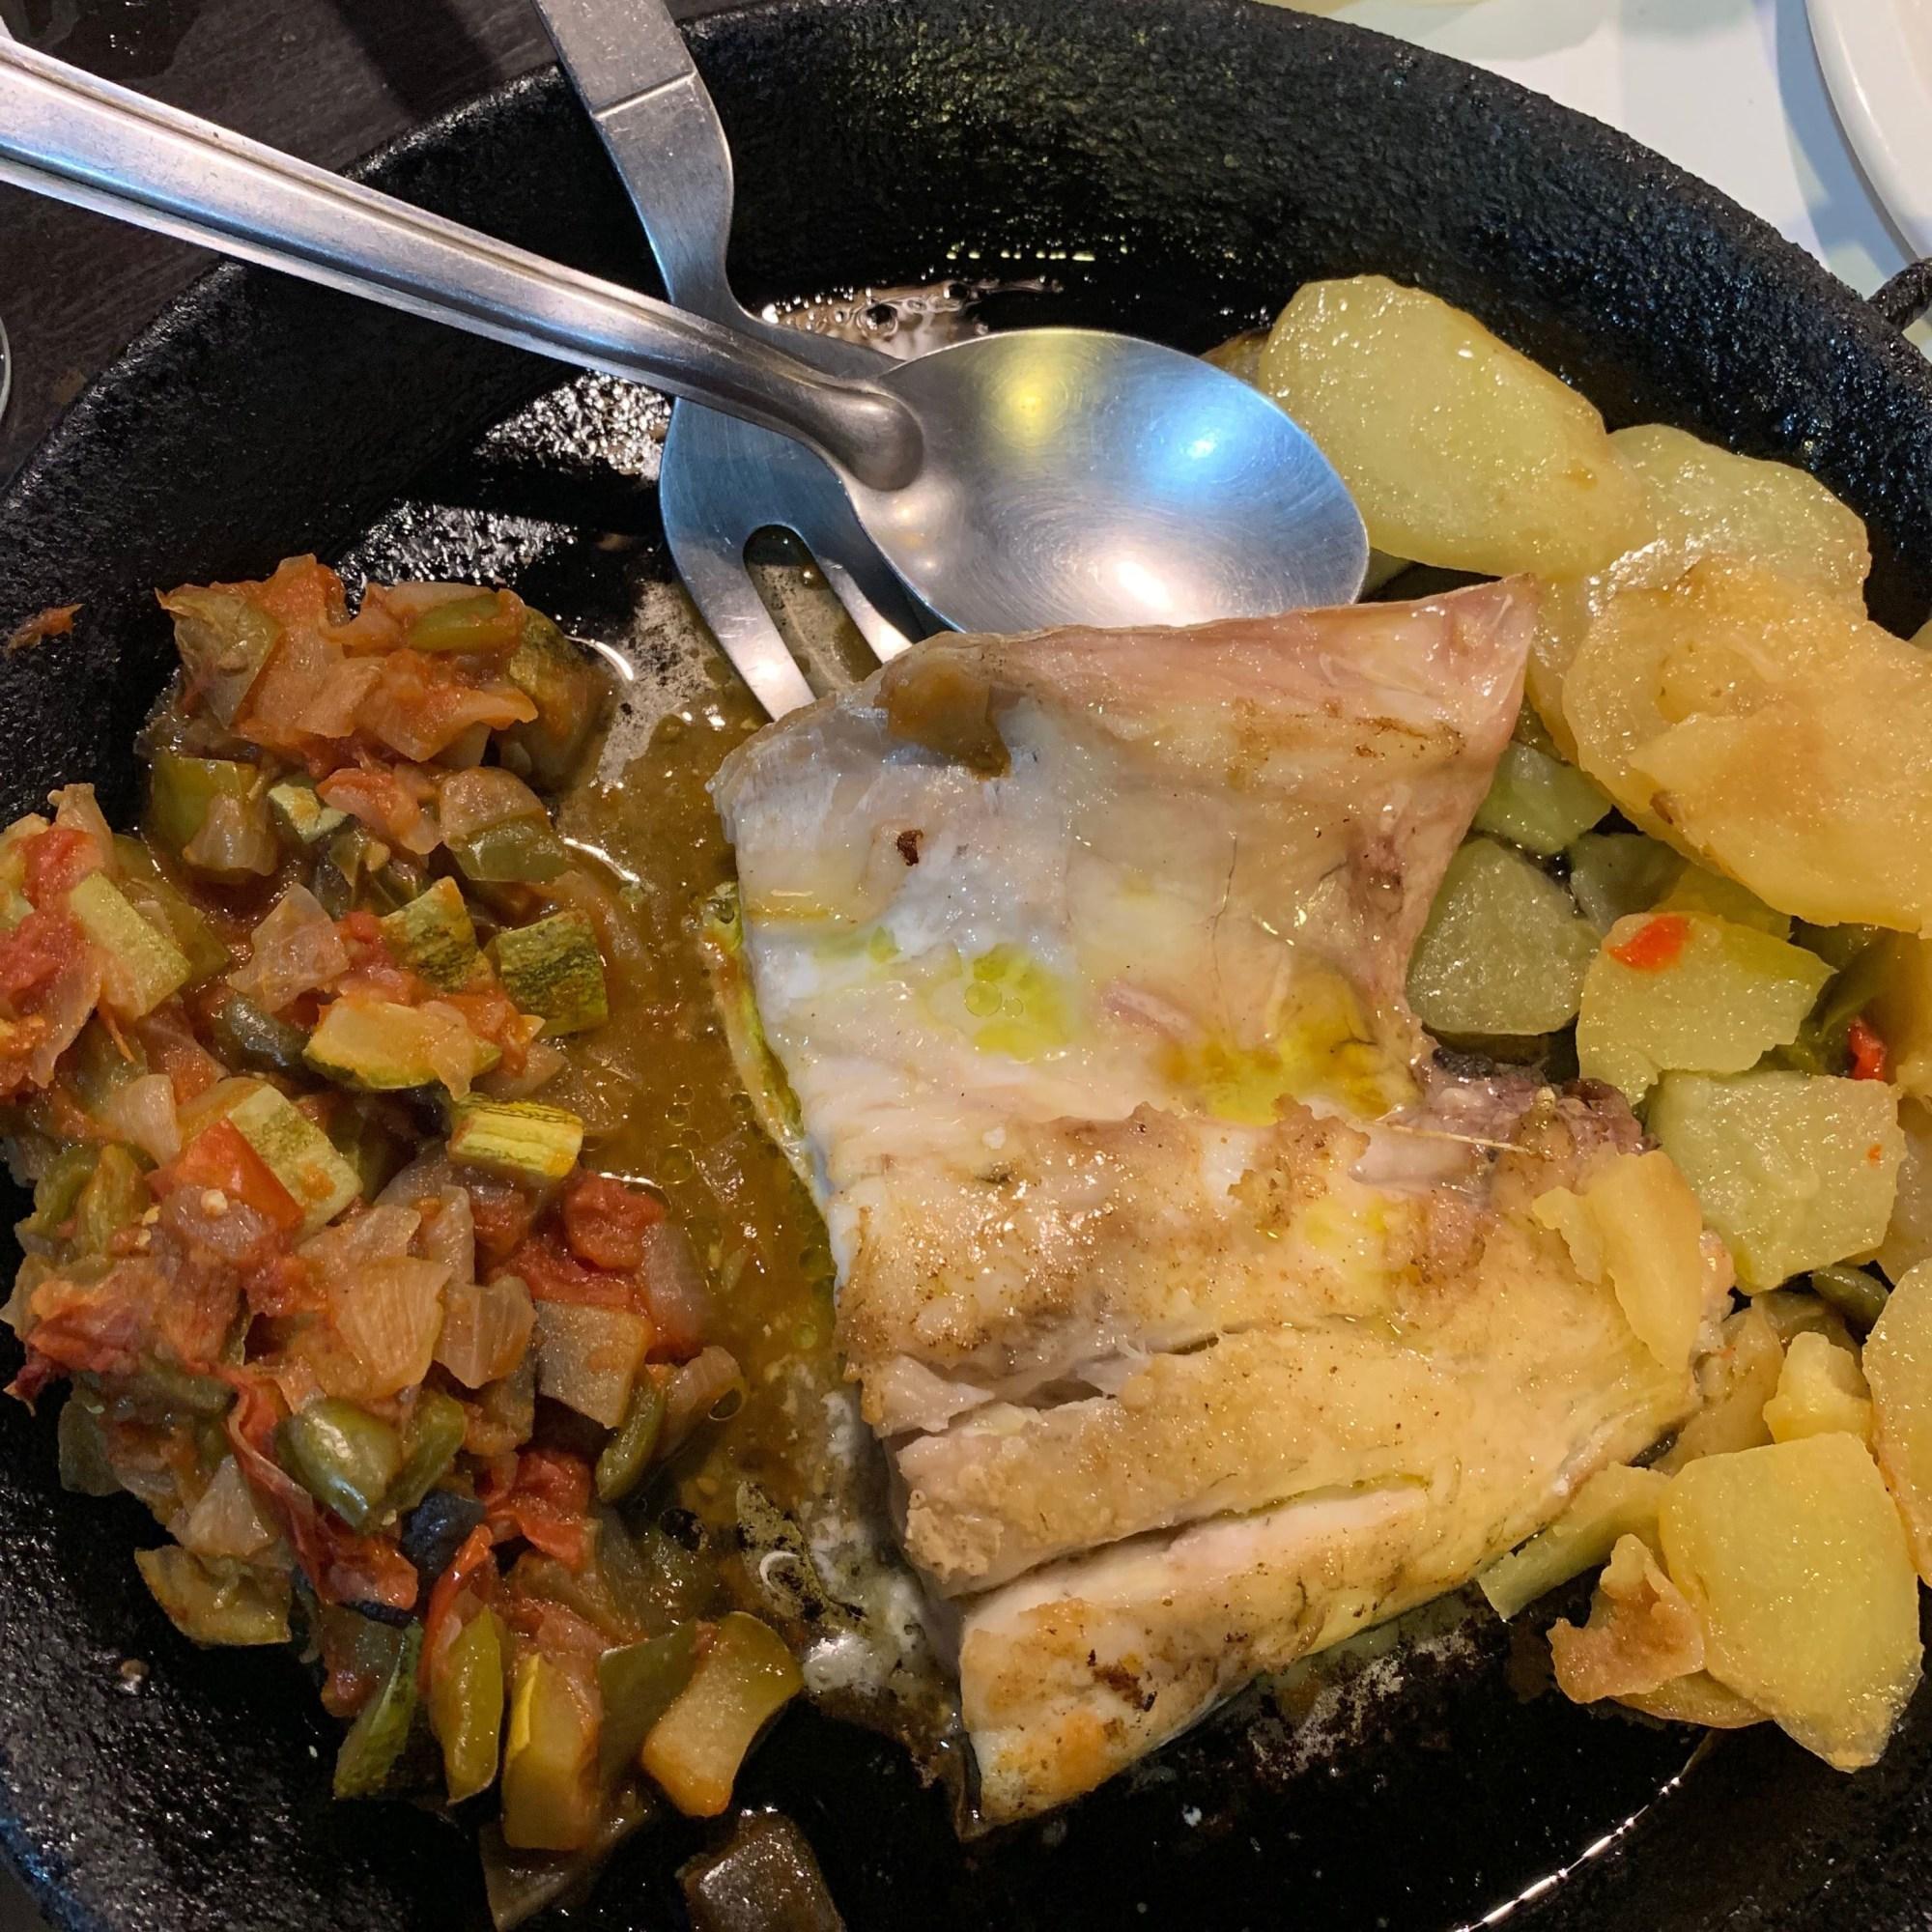 rola peixe restaurant - pipa - bresil 3